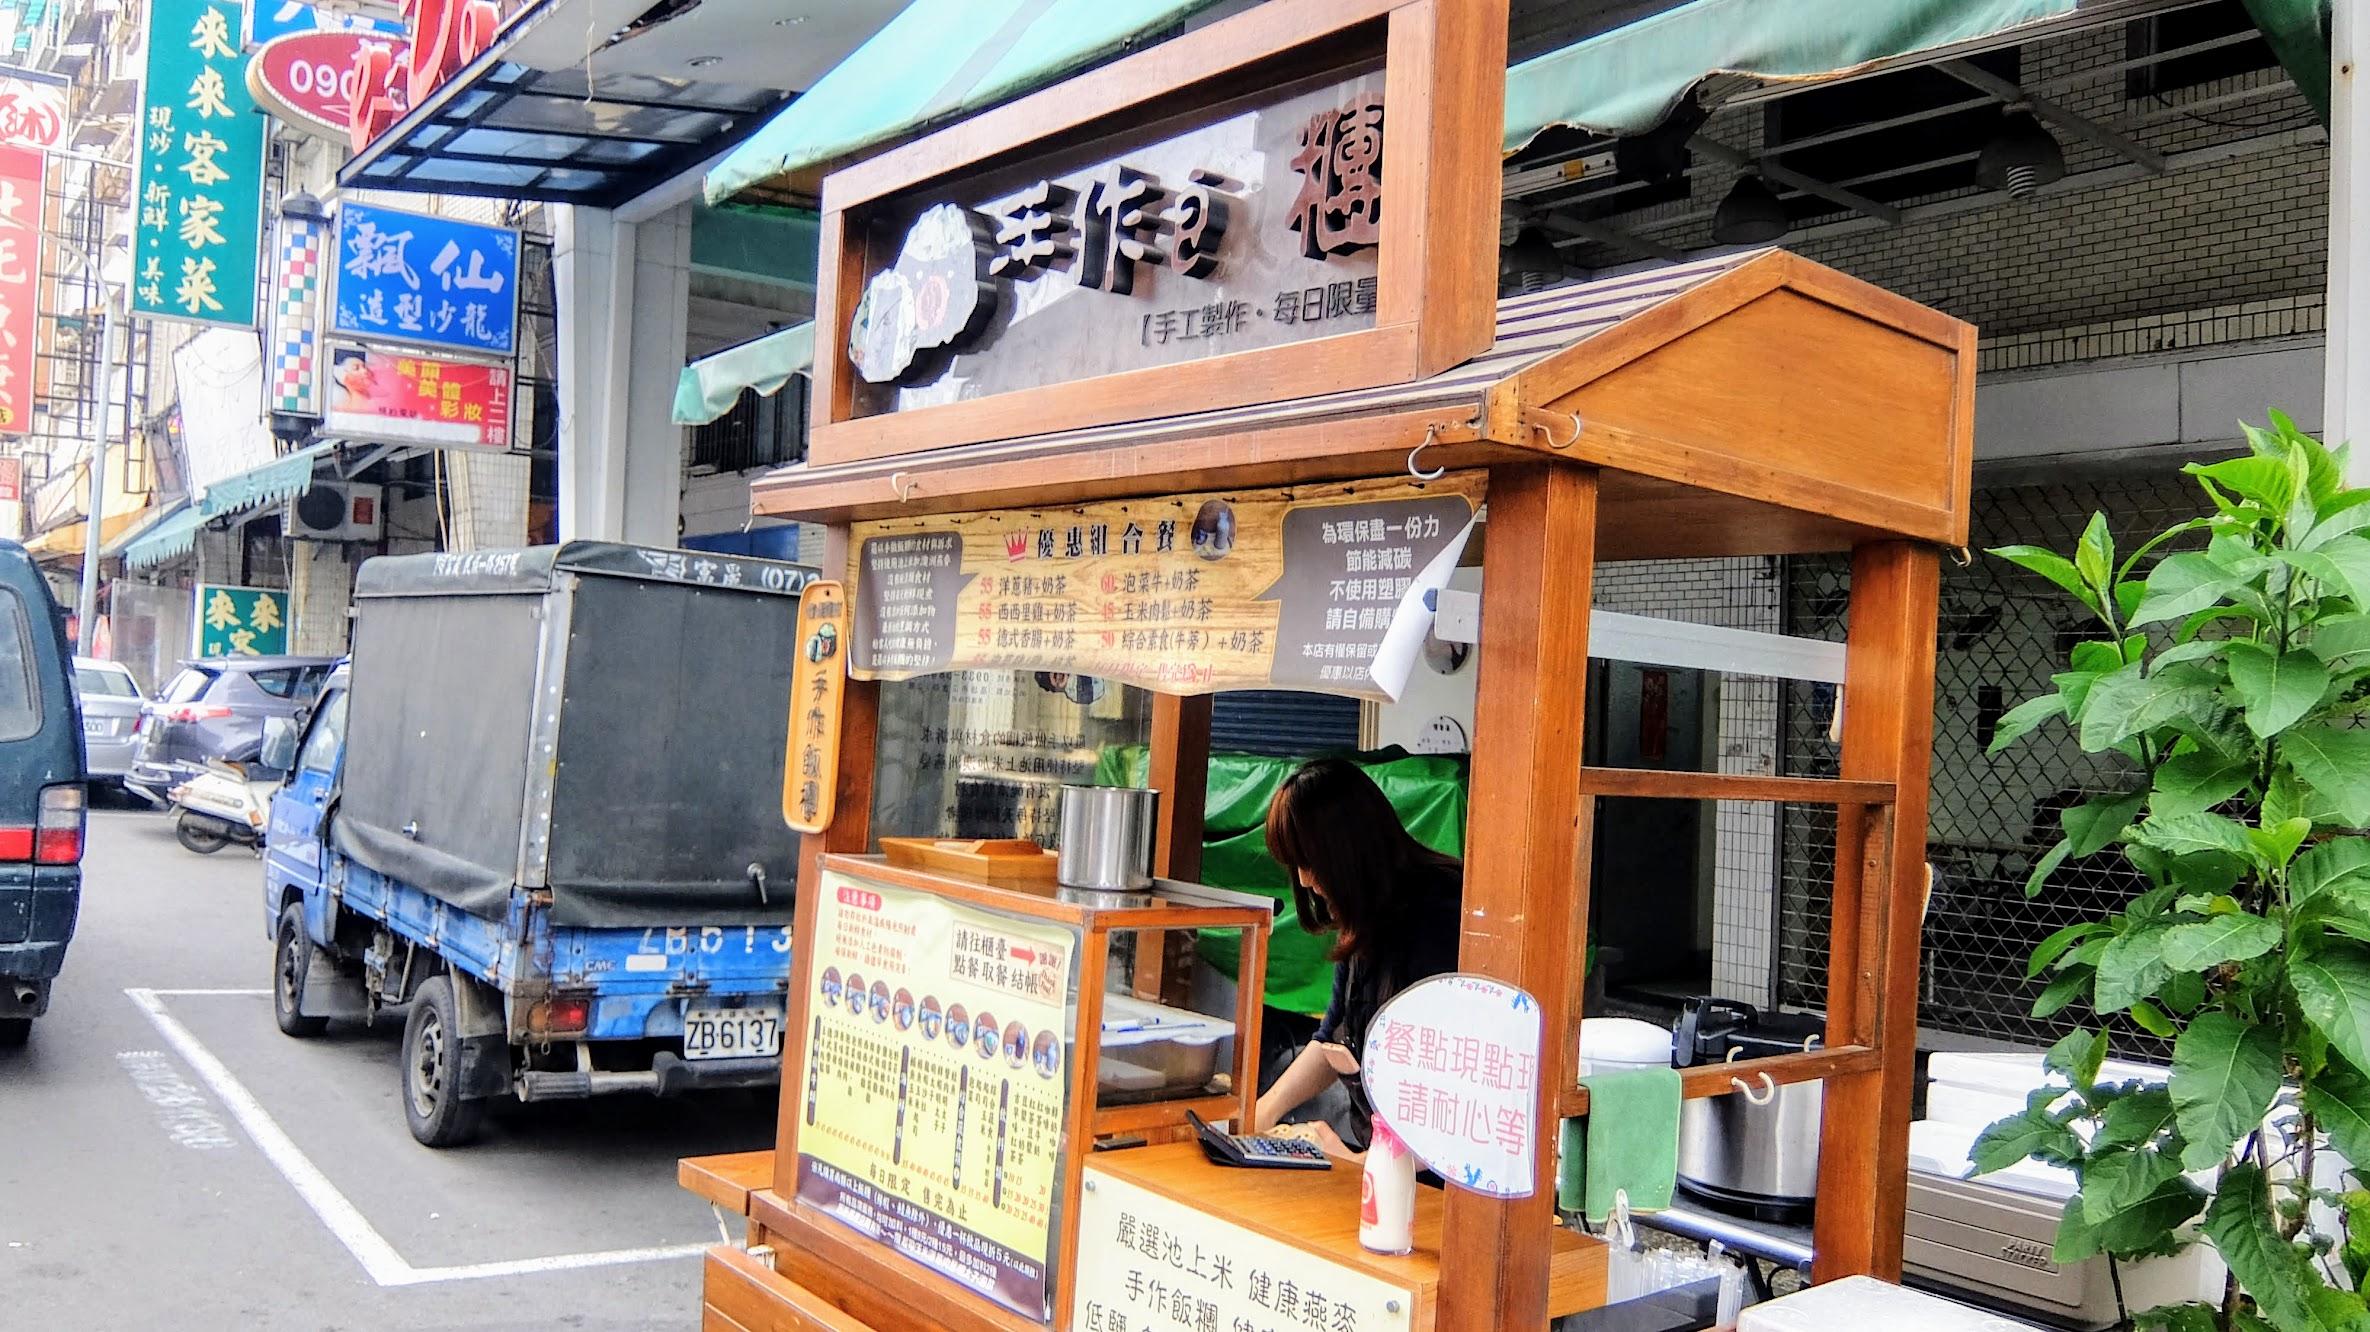 在正言路上的這一家小攤販,離高雄武廟頗近,是一家早上時間開賣的三角飯糰店喔